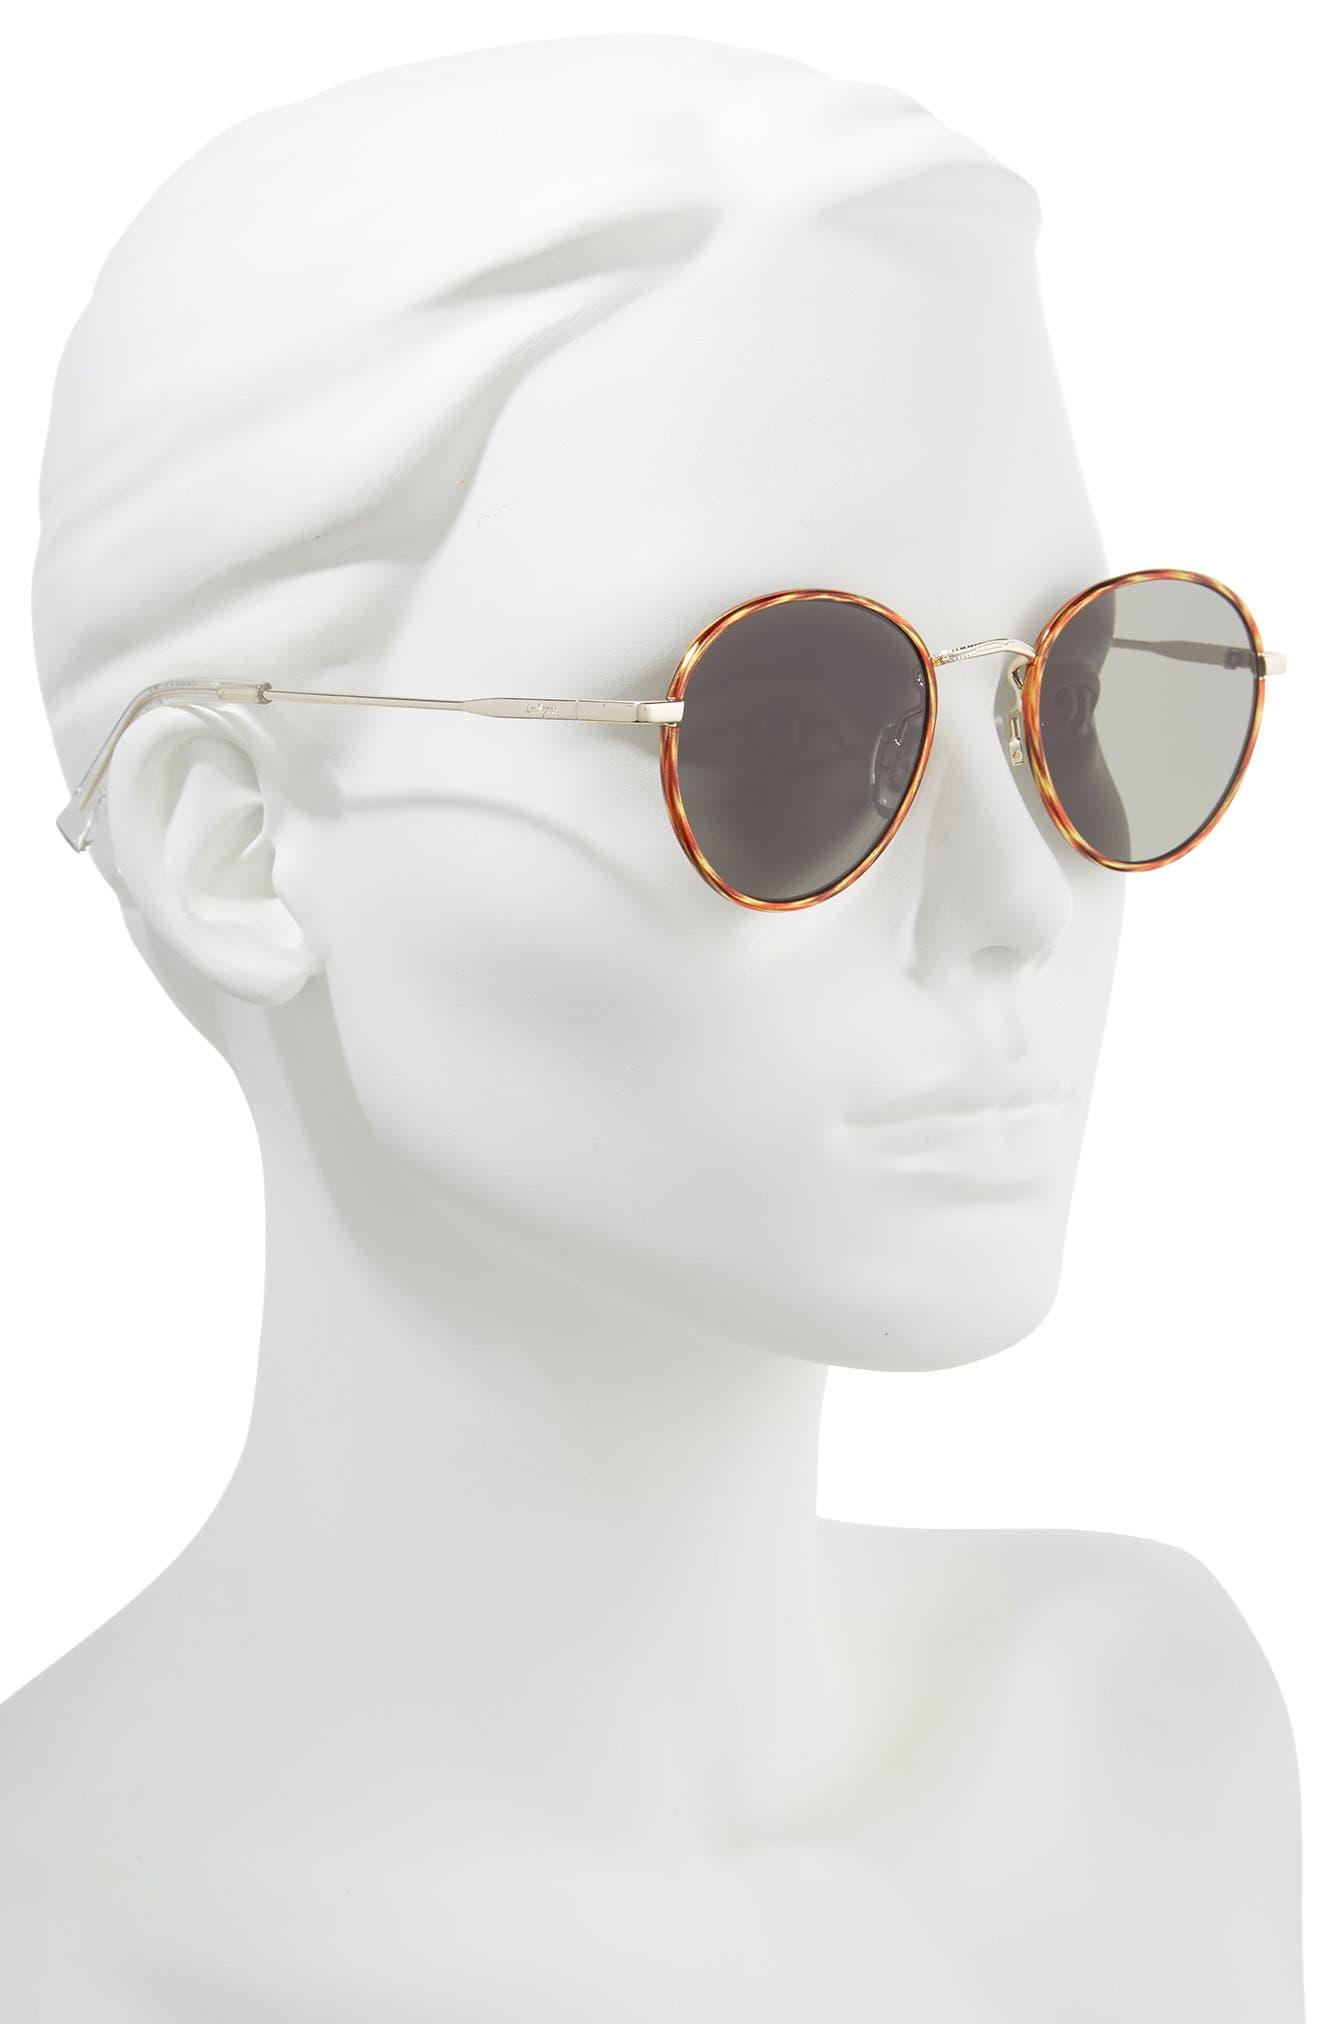 Zephyr Deux 50mm Round Sunglasses,                             Alternate thumbnail 2, color,                             VINTAGE TORTOISE